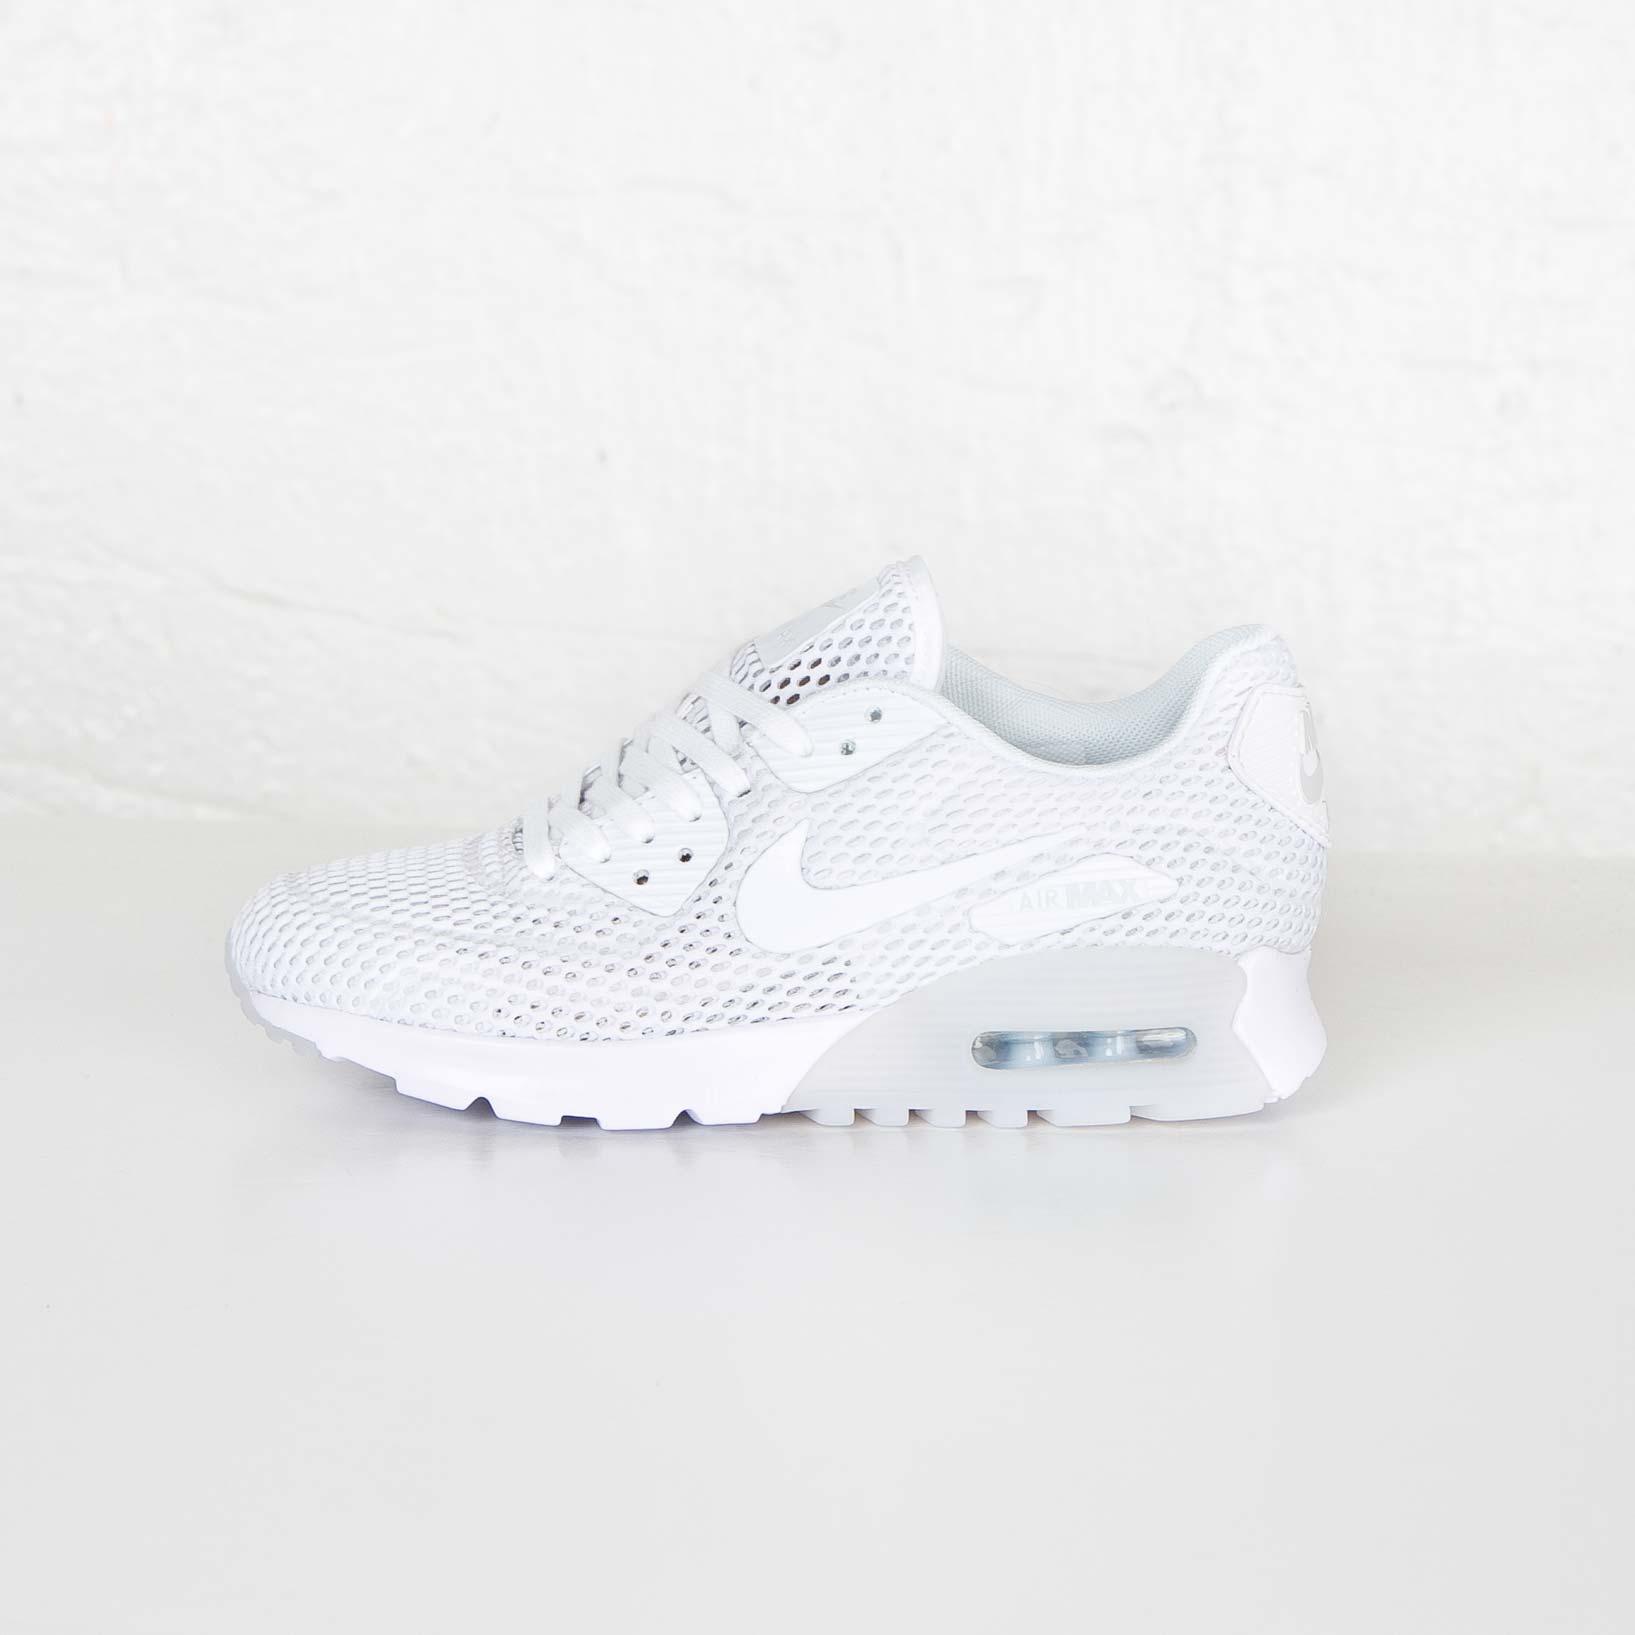 cheaper 62ec0 51b6a Nike W Air Max 90 Ultra BR - 725061-104 - Sneakersnstuff   sneakers    streetwear online since 1999